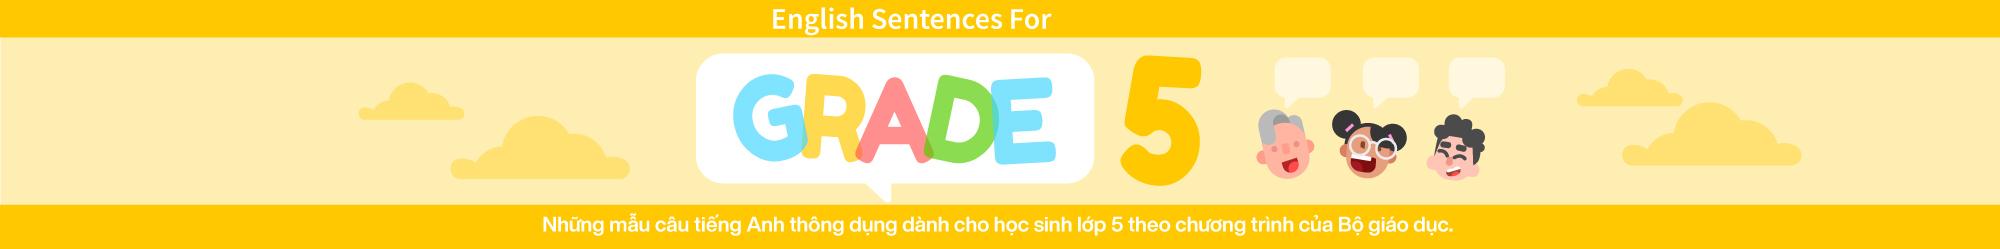 Sentences For English Grade 5 banner